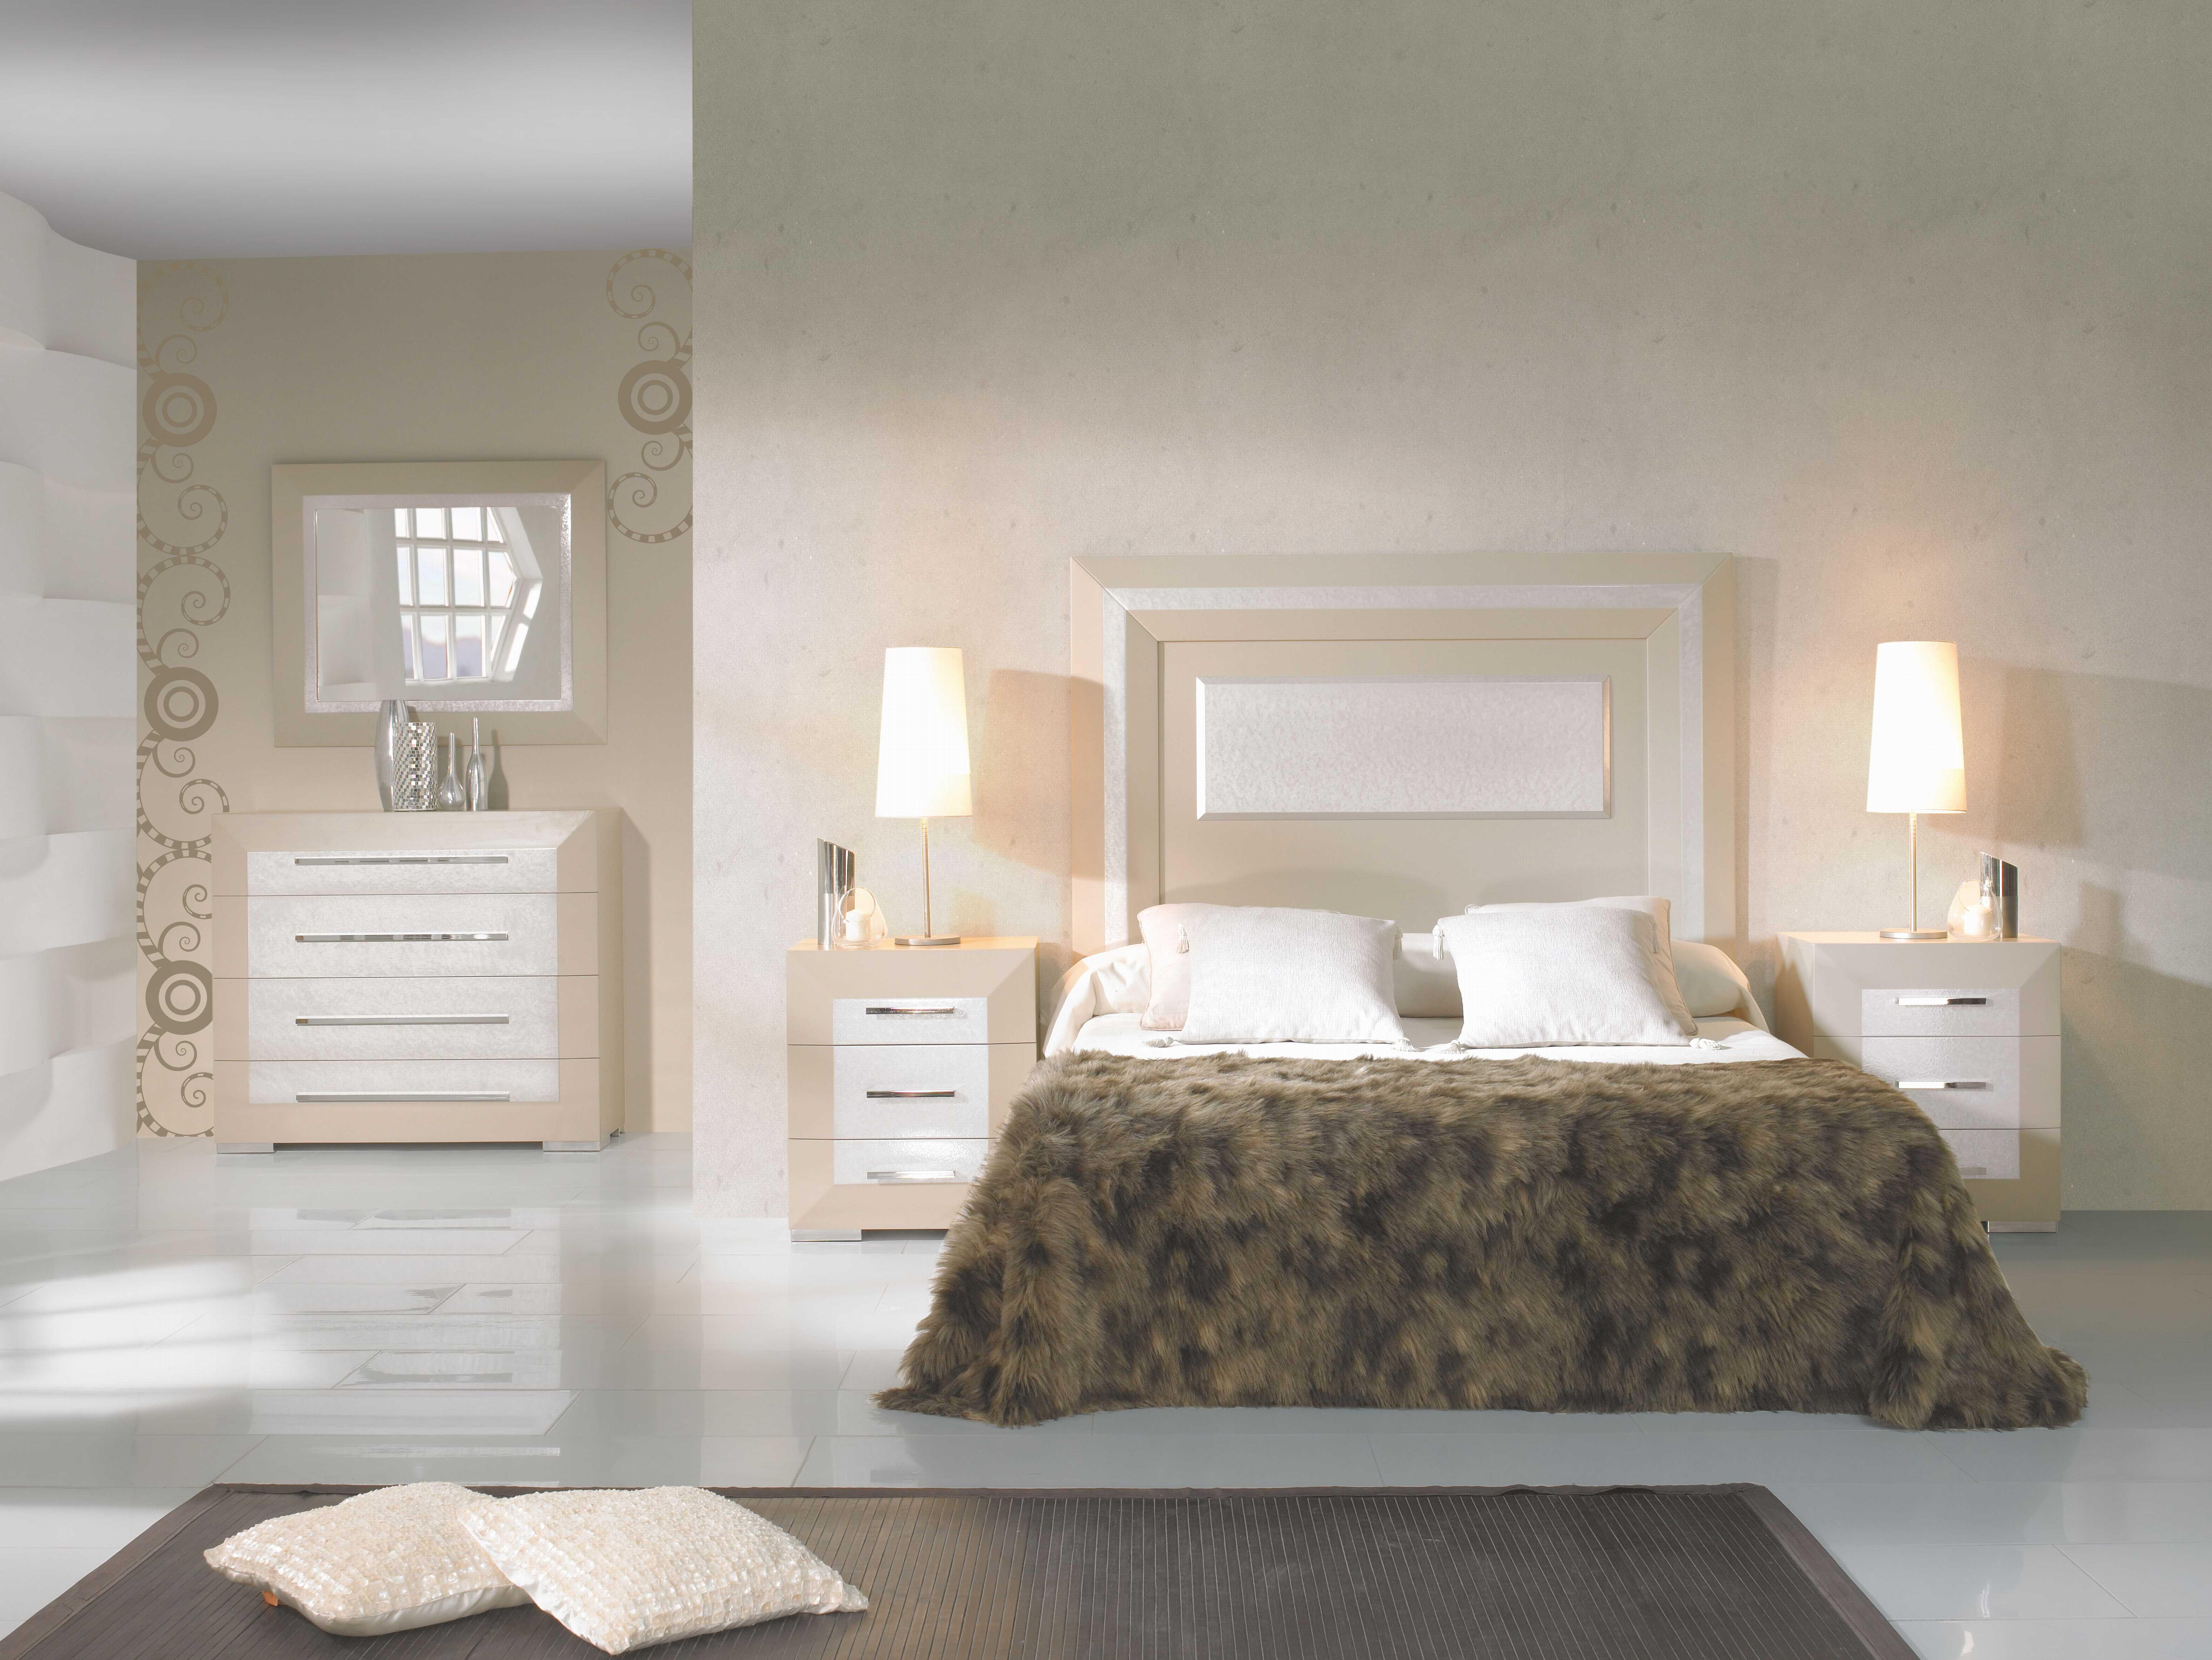 Lujo perlatto dormitorio muebles g3 forniture - Fotos de habitaciones de lujo ...